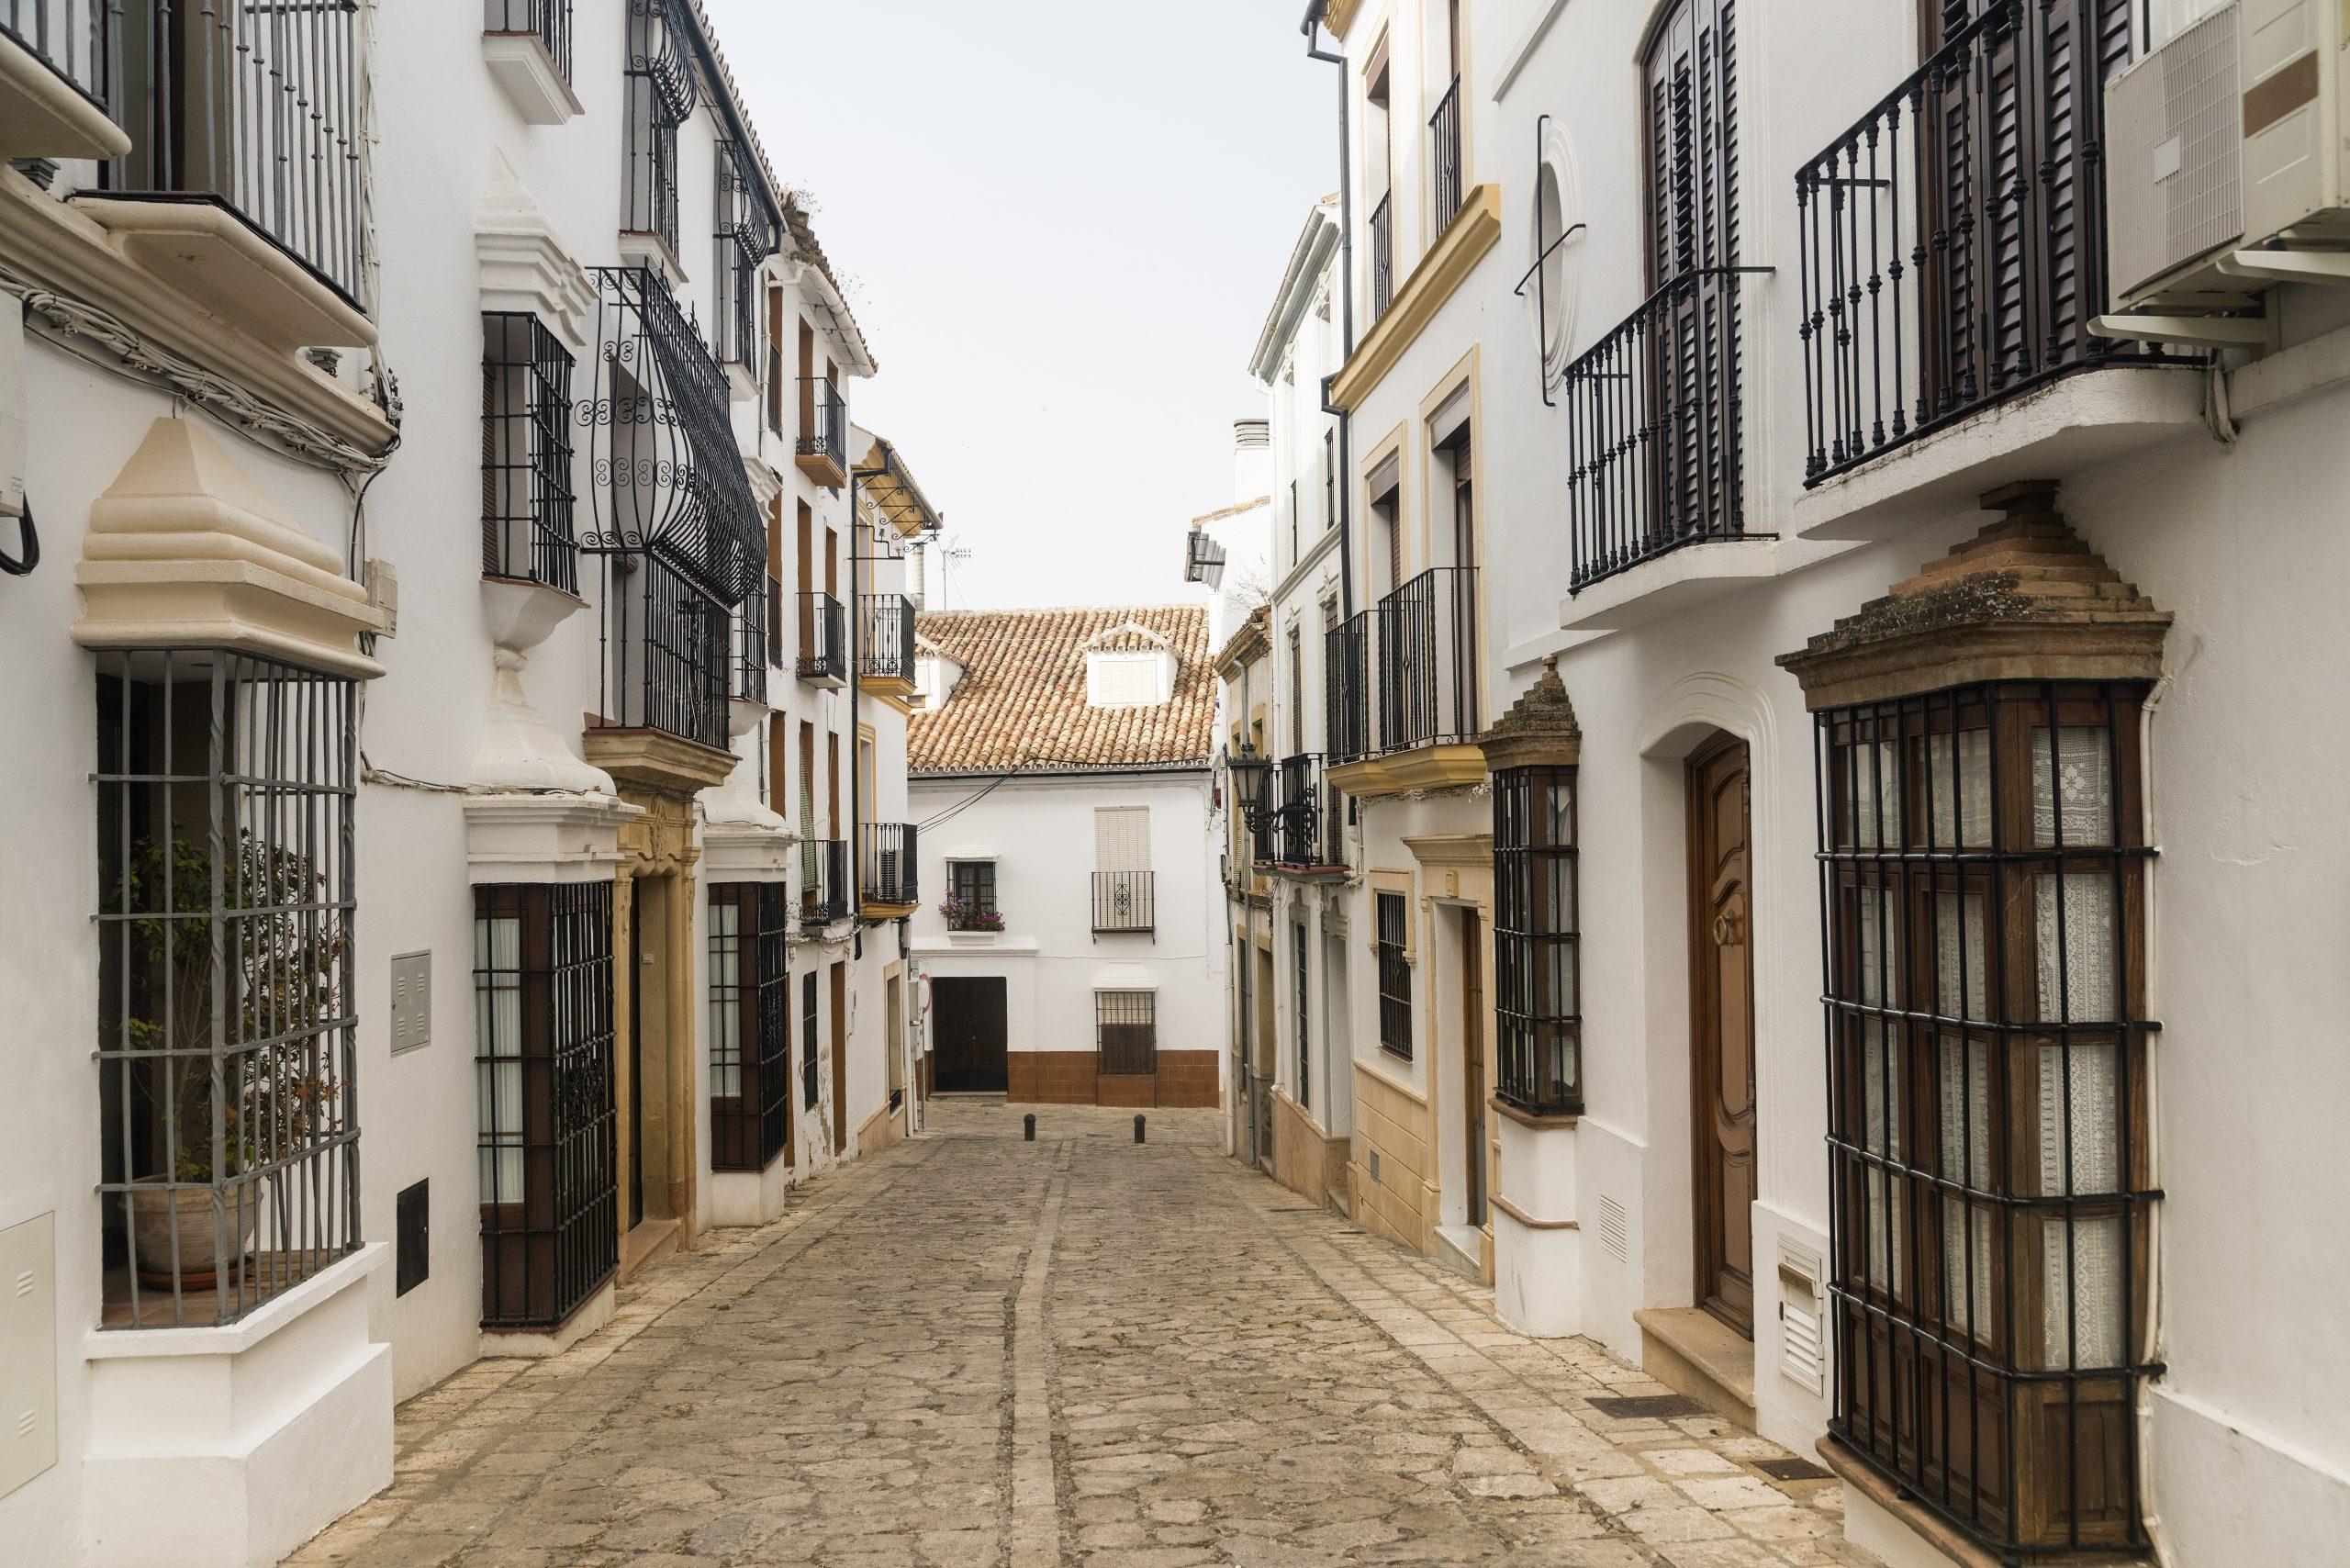 Aanbetaling bij voorlopige koopovereenkomst Spanje